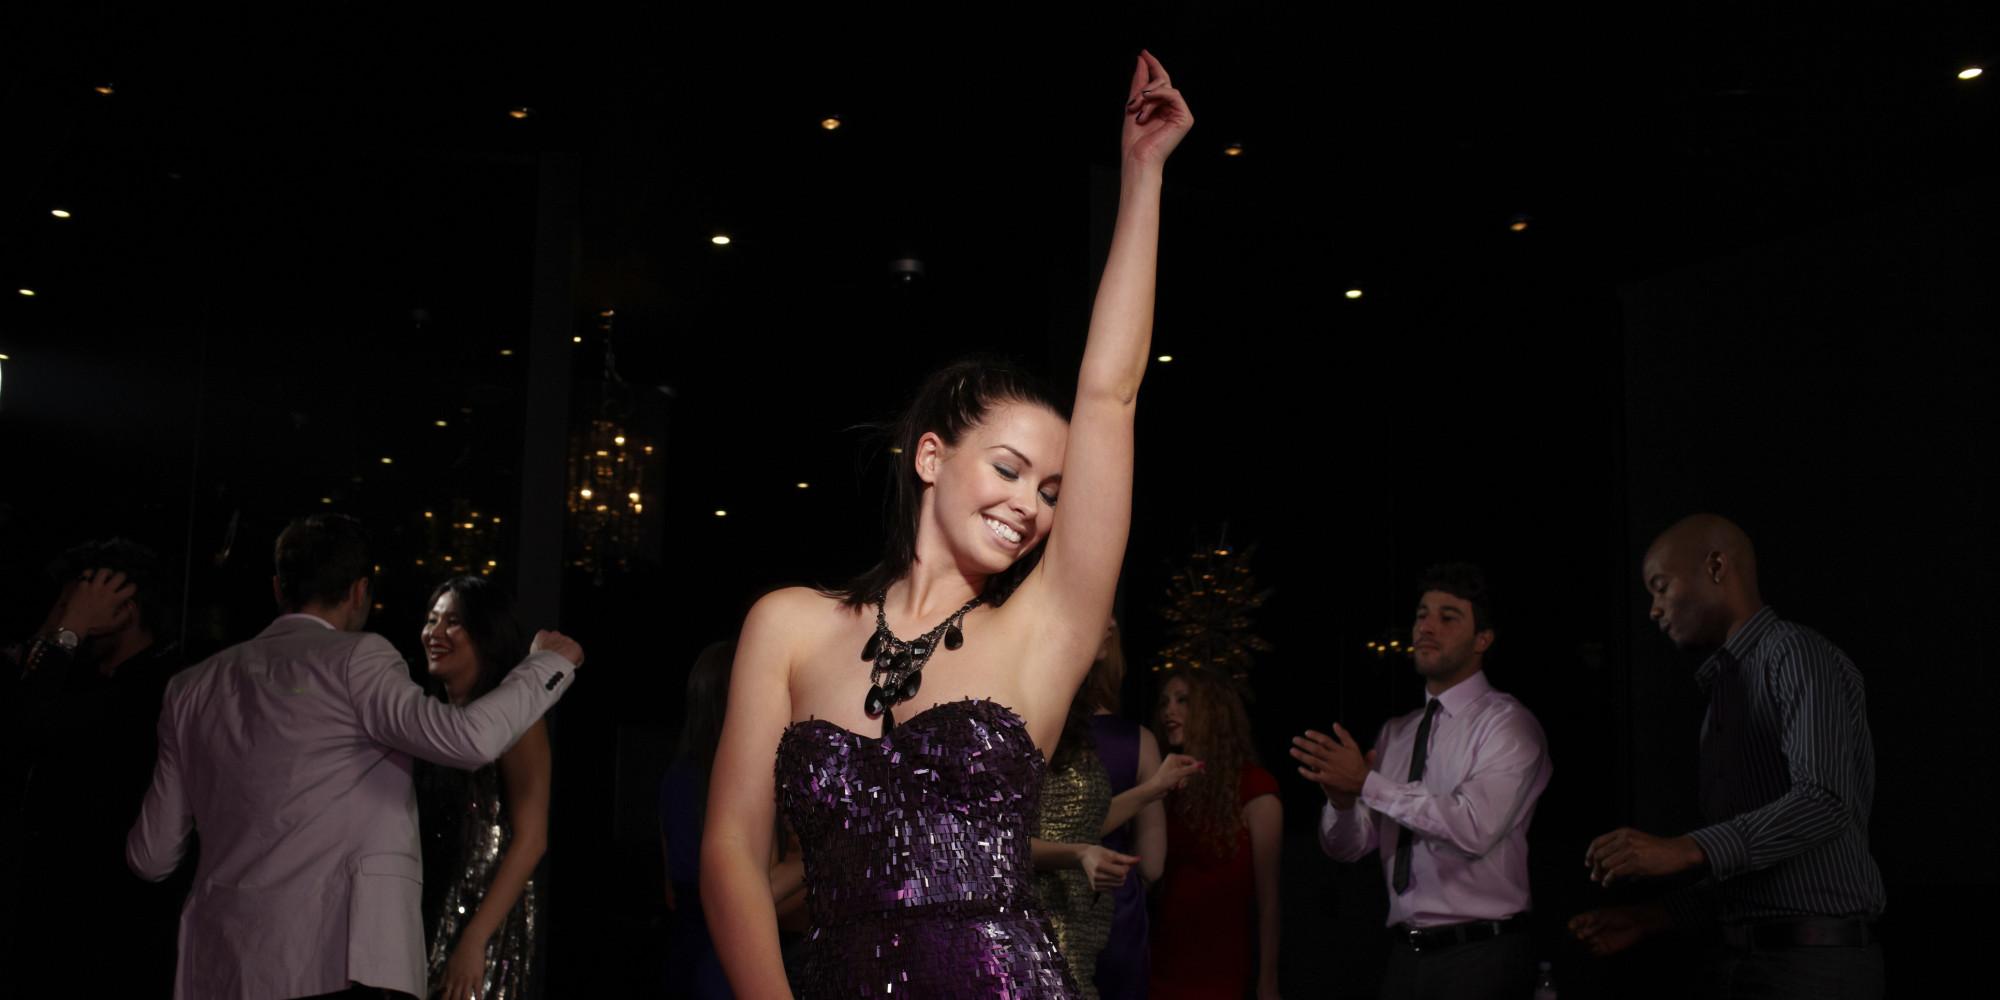 Party woman photos 100